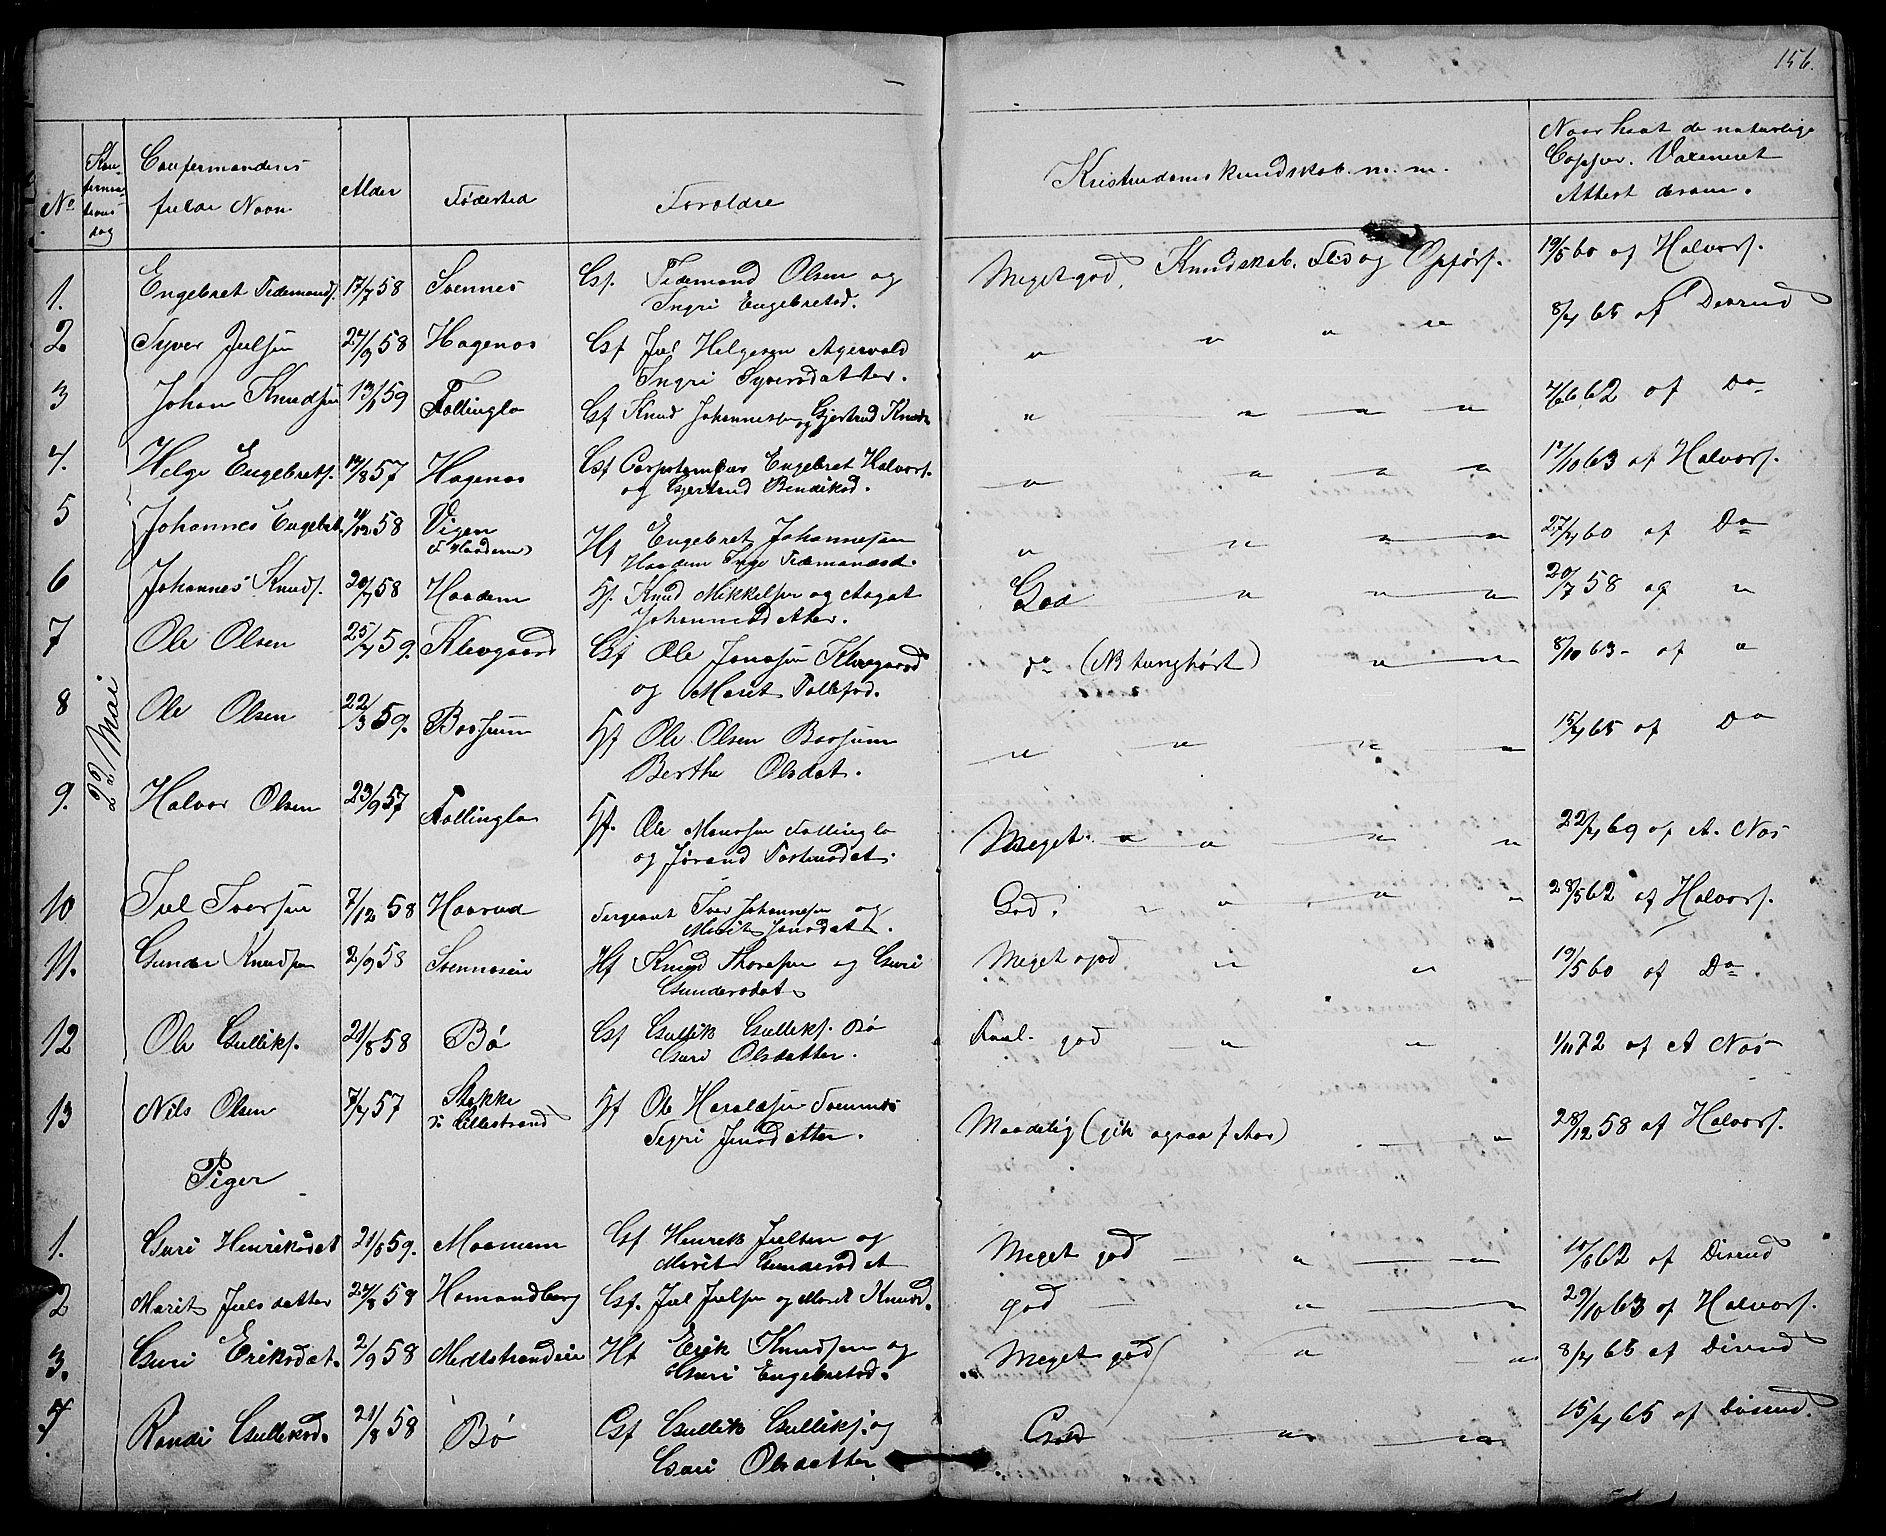 SAH, Nord-Aurdal prestekontor, Klokkerbok nr. 3, 1842-1882, s. 156